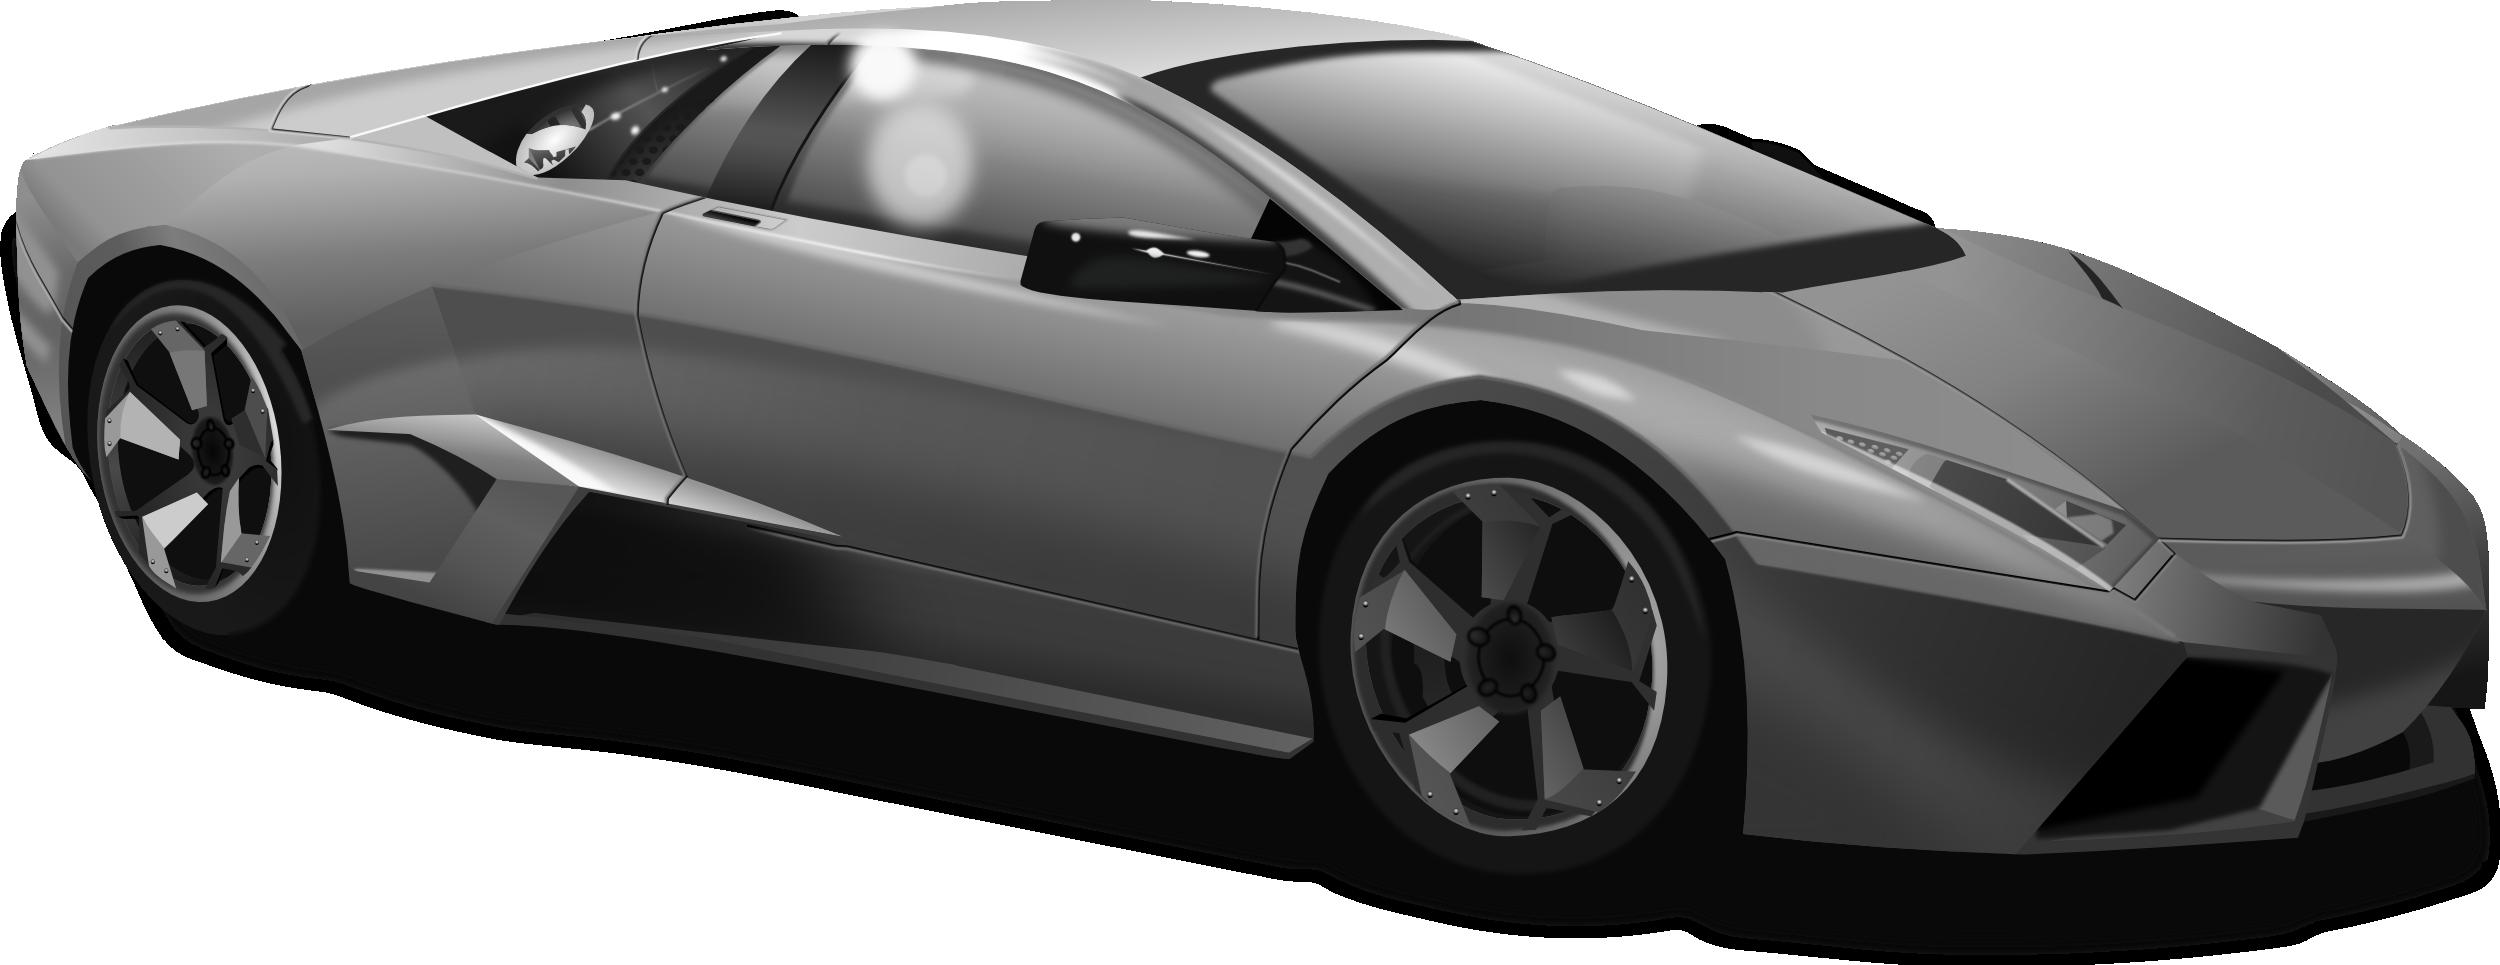 File Lamborghini Reventon Png Wikimedia Commons